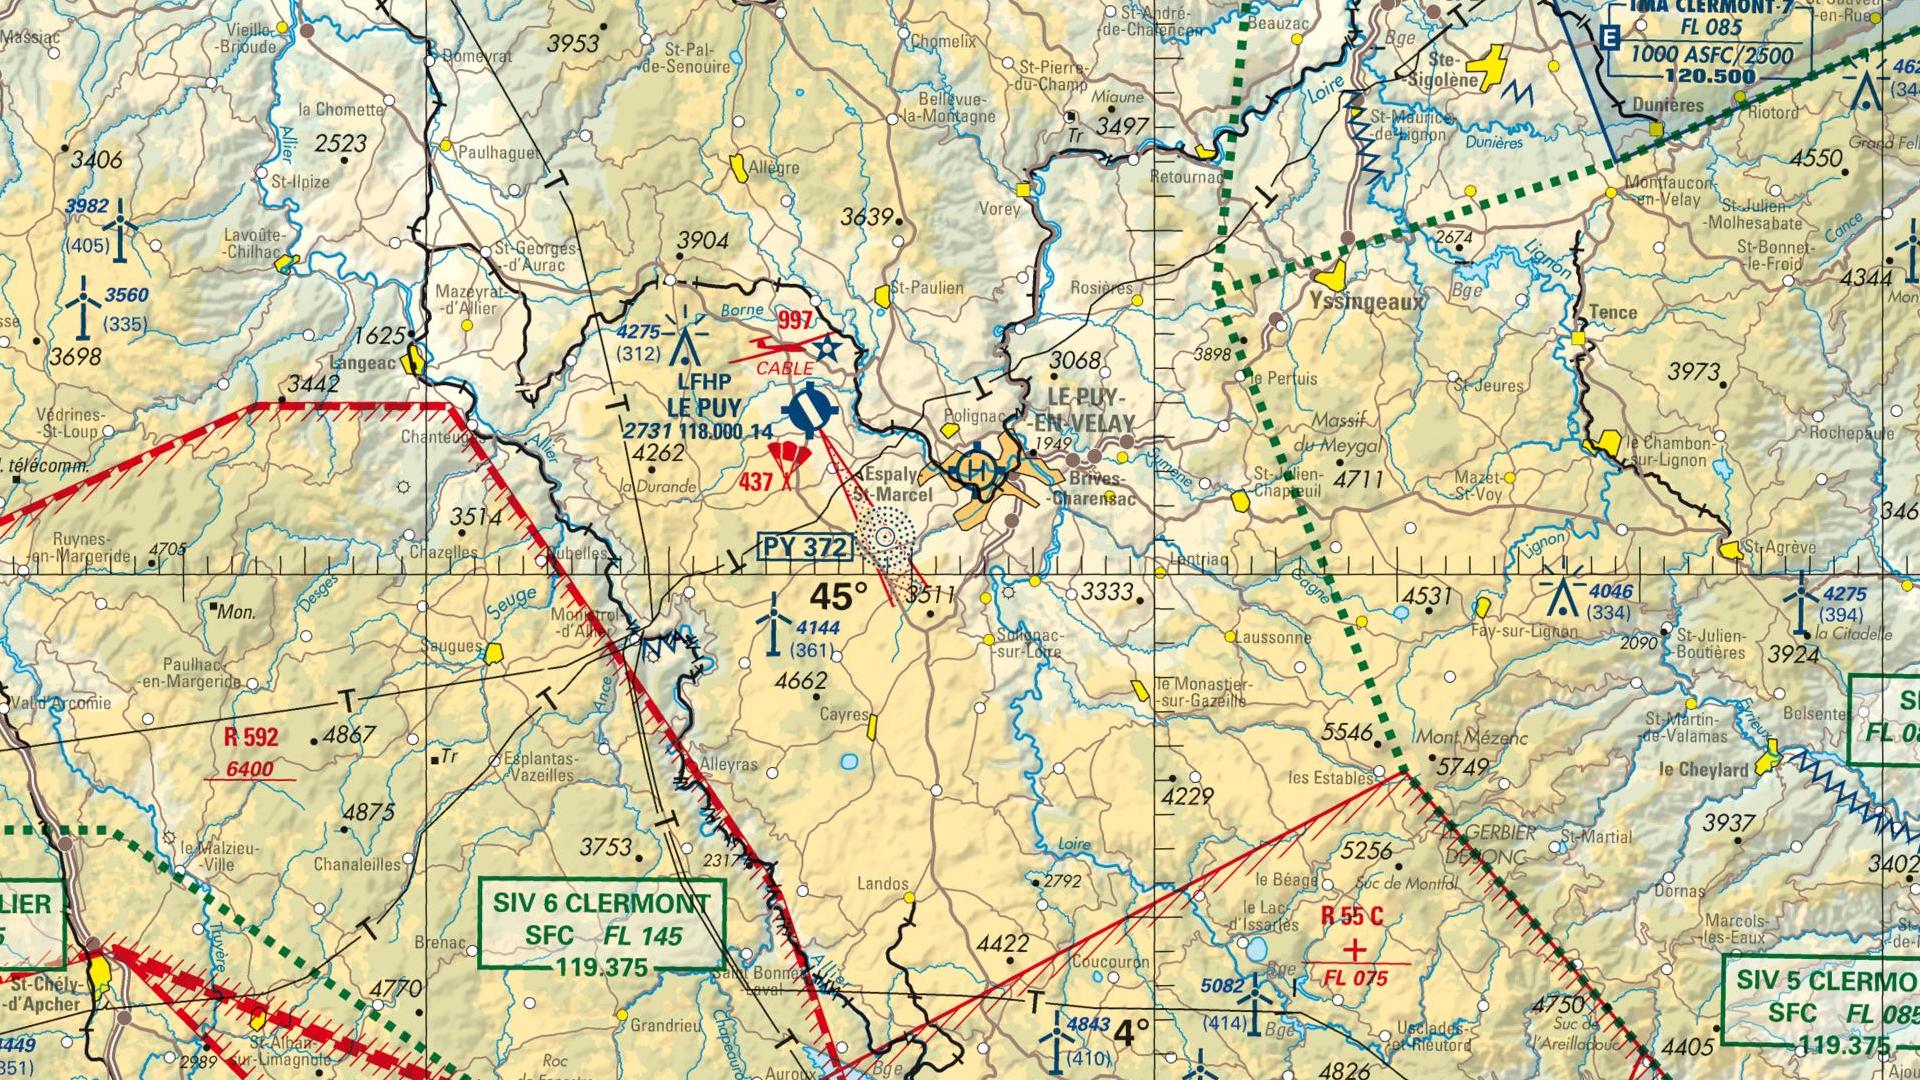 Réglementation drone à Vals pres le puy